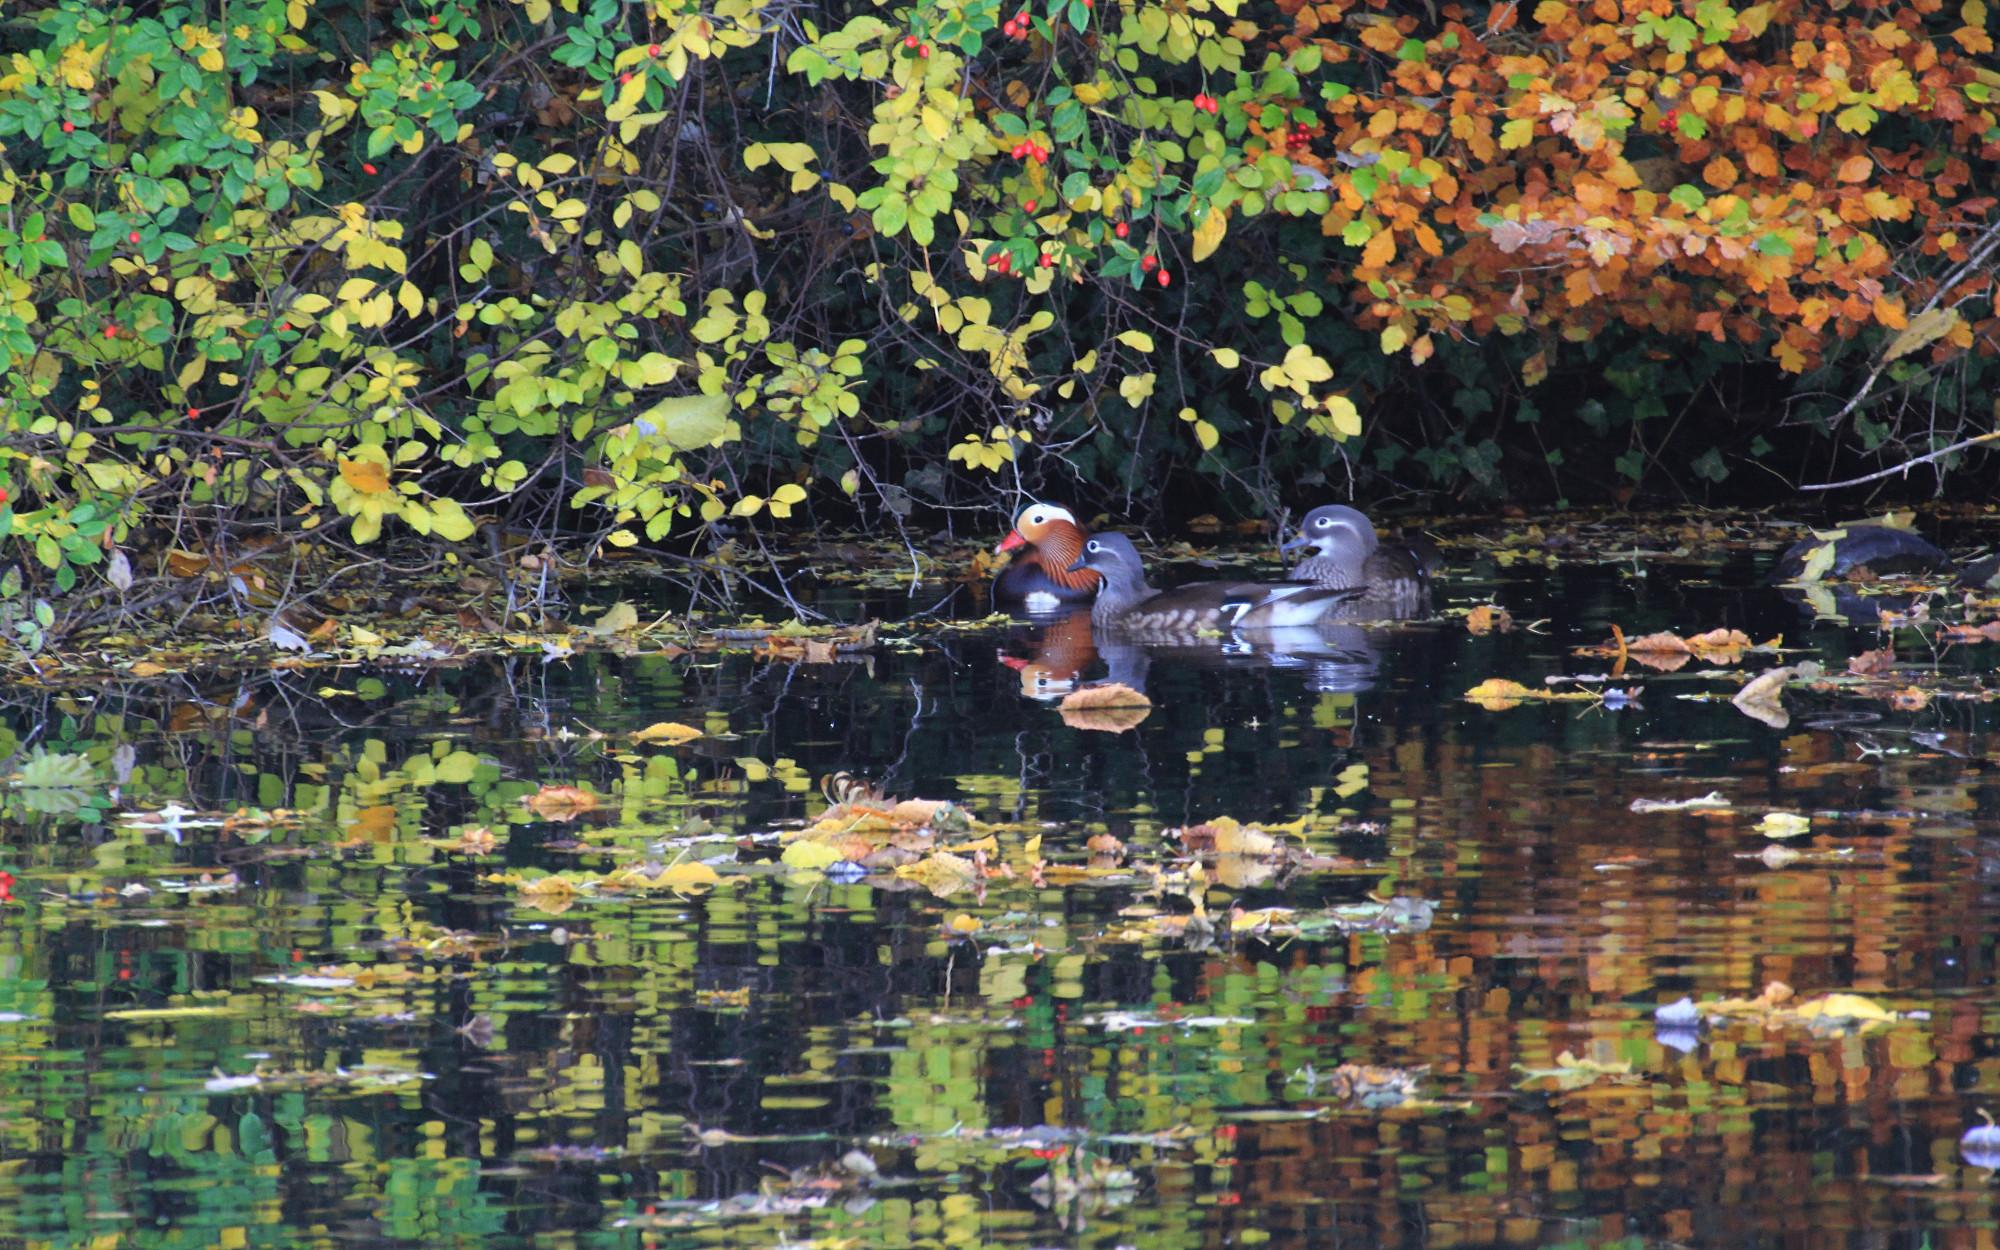 Bunte Enten im Teich